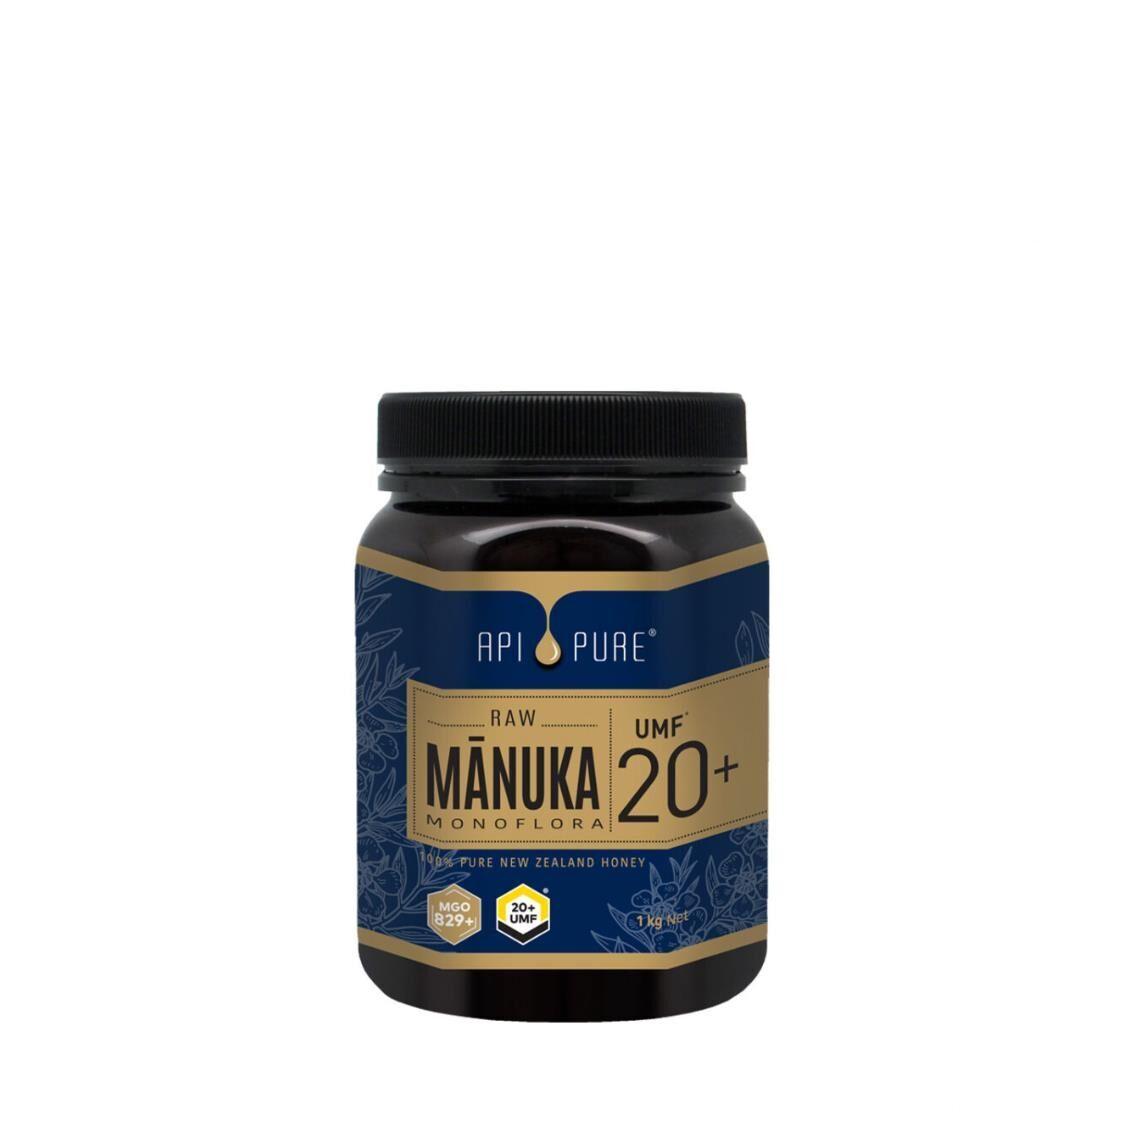 Apipure Raw Manuka UMF20 1kg